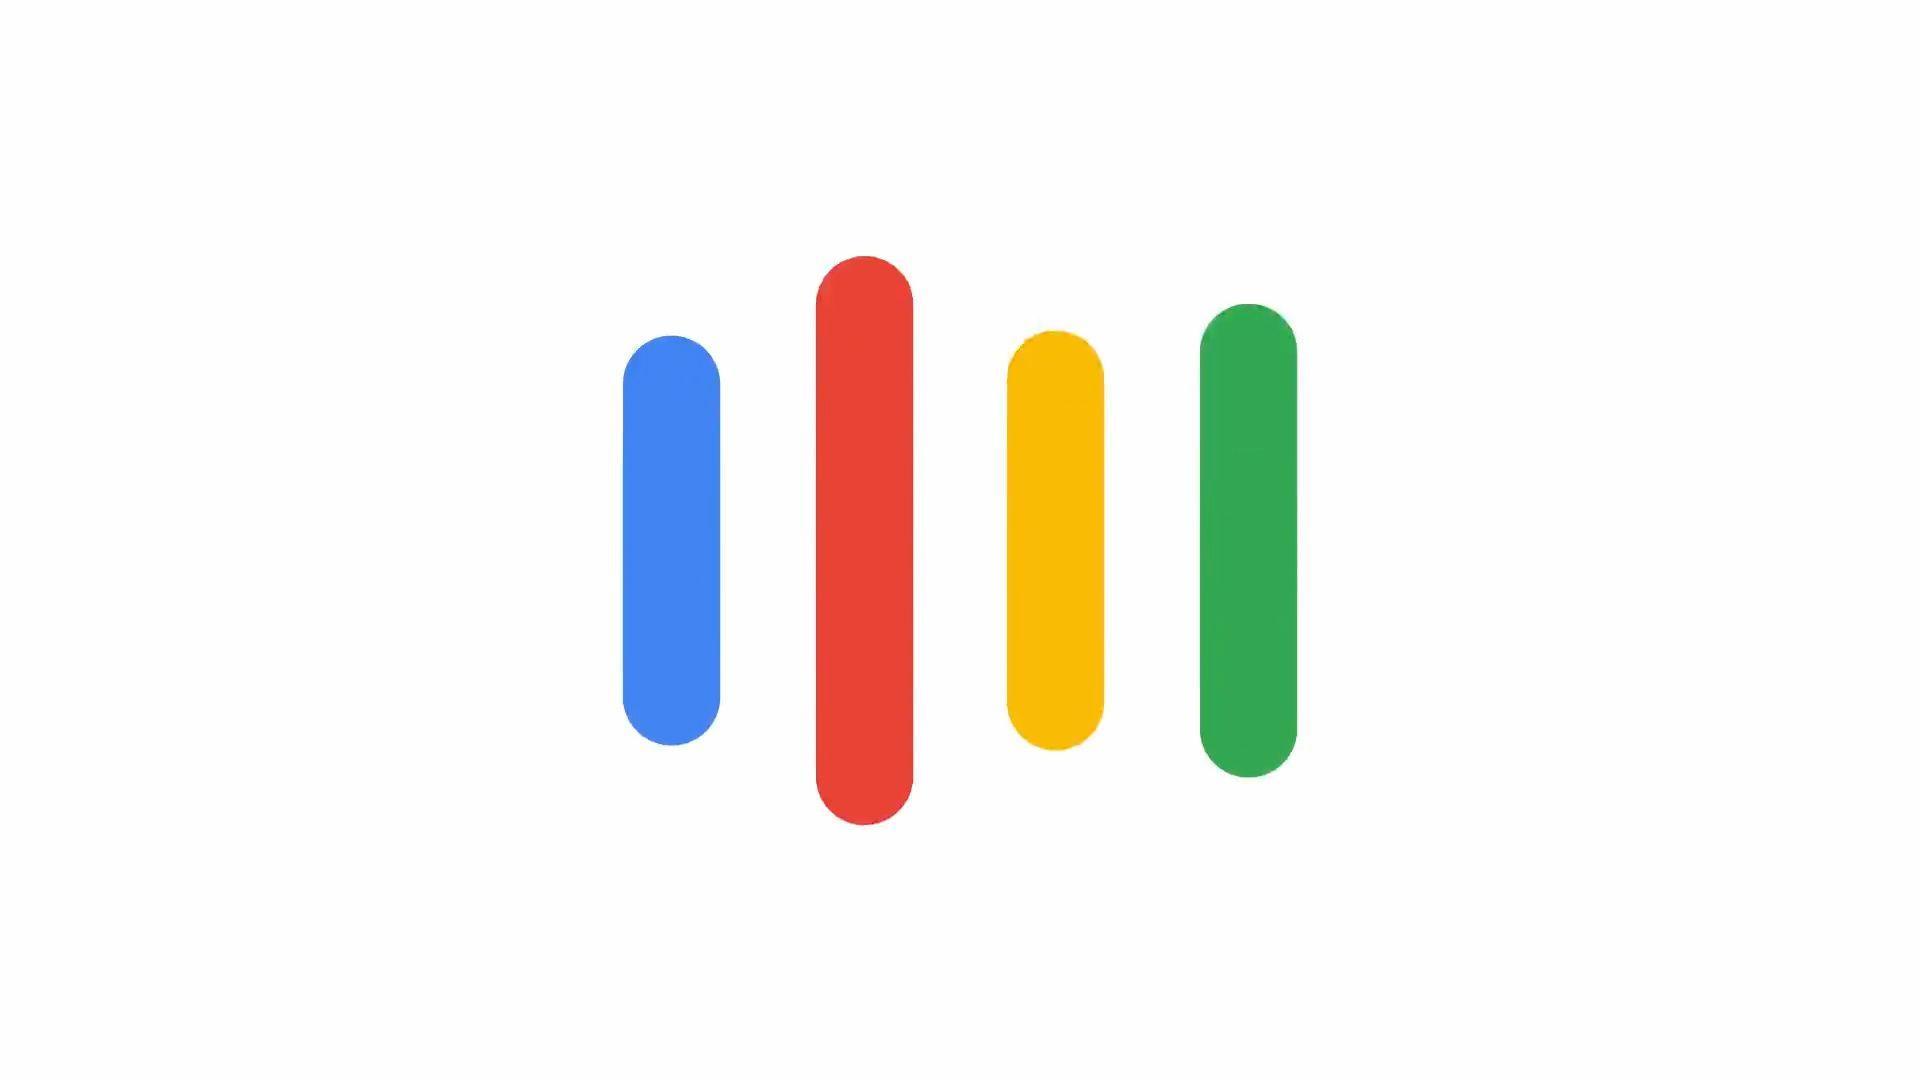 asistente de voz de Google